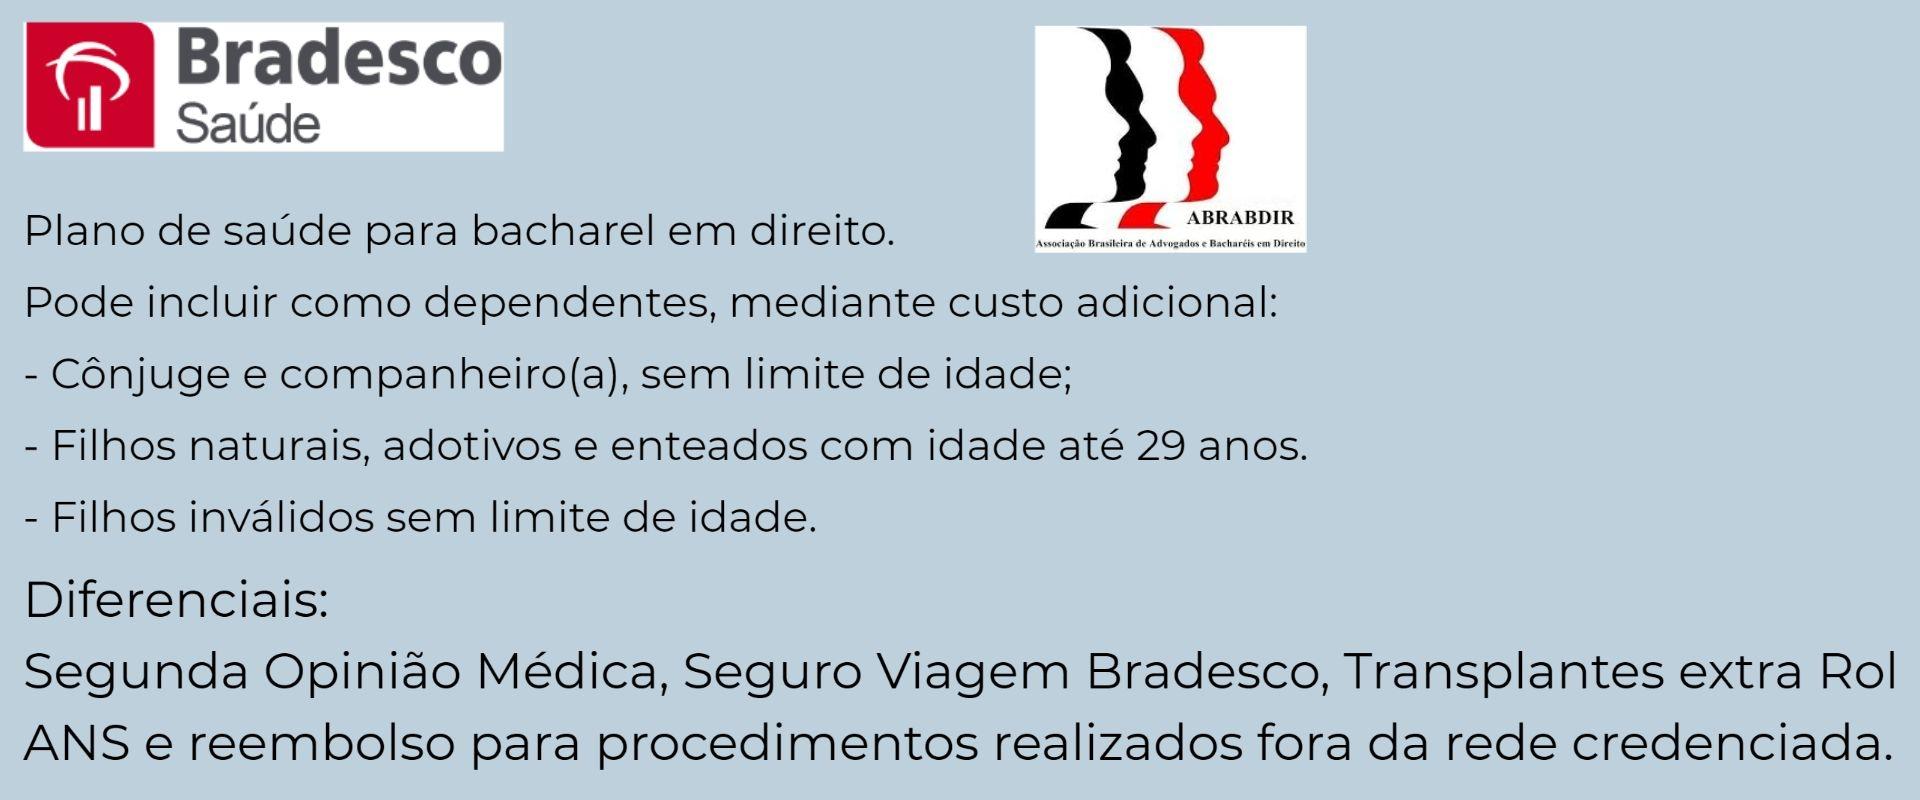 Bradesco Saúde Abrabdir-MG